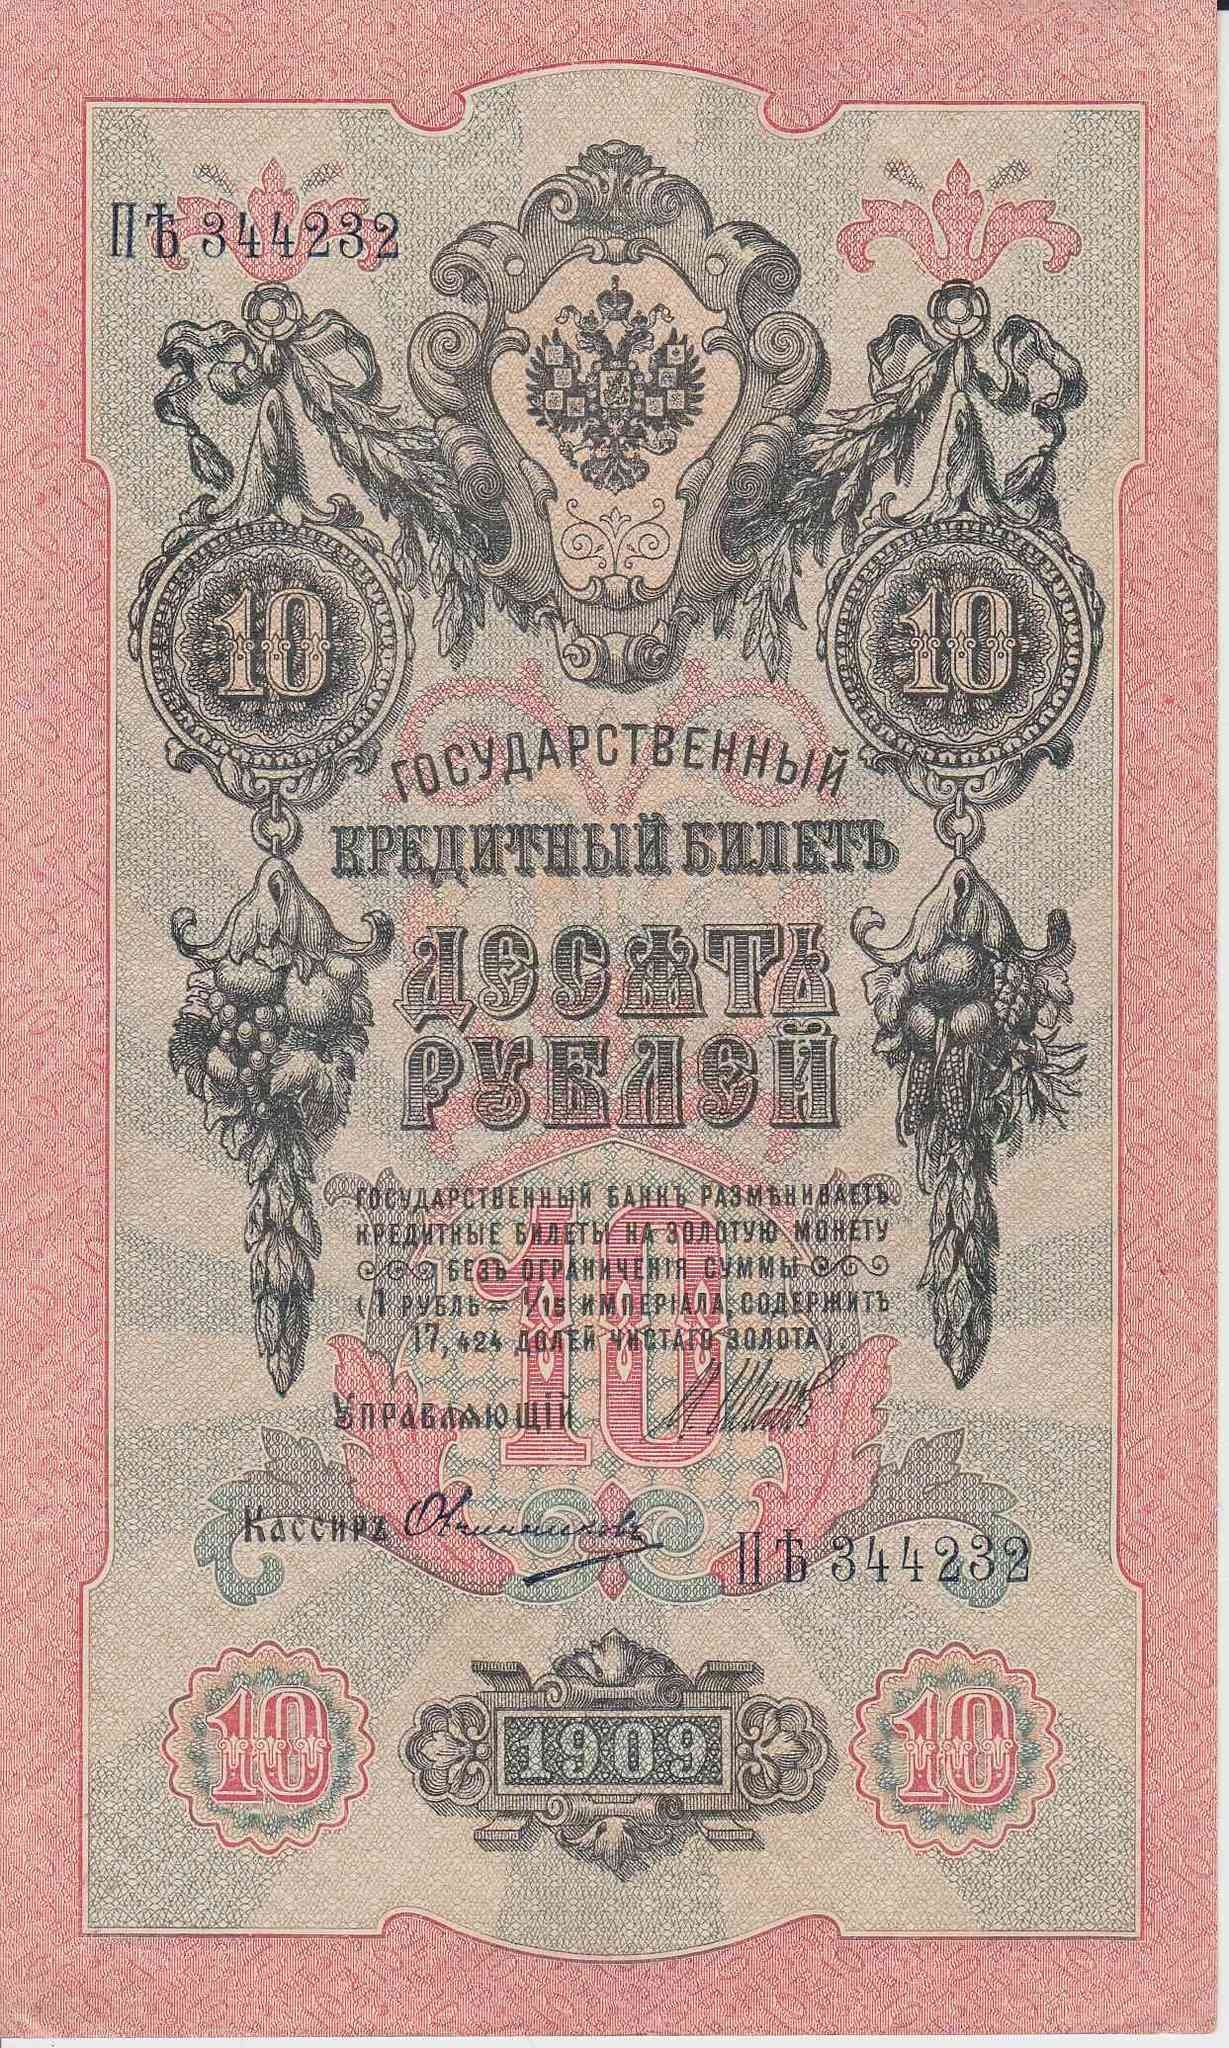 Банкнота Россия 1909 год 10 рублей Шипов/Овчинников ПЪ